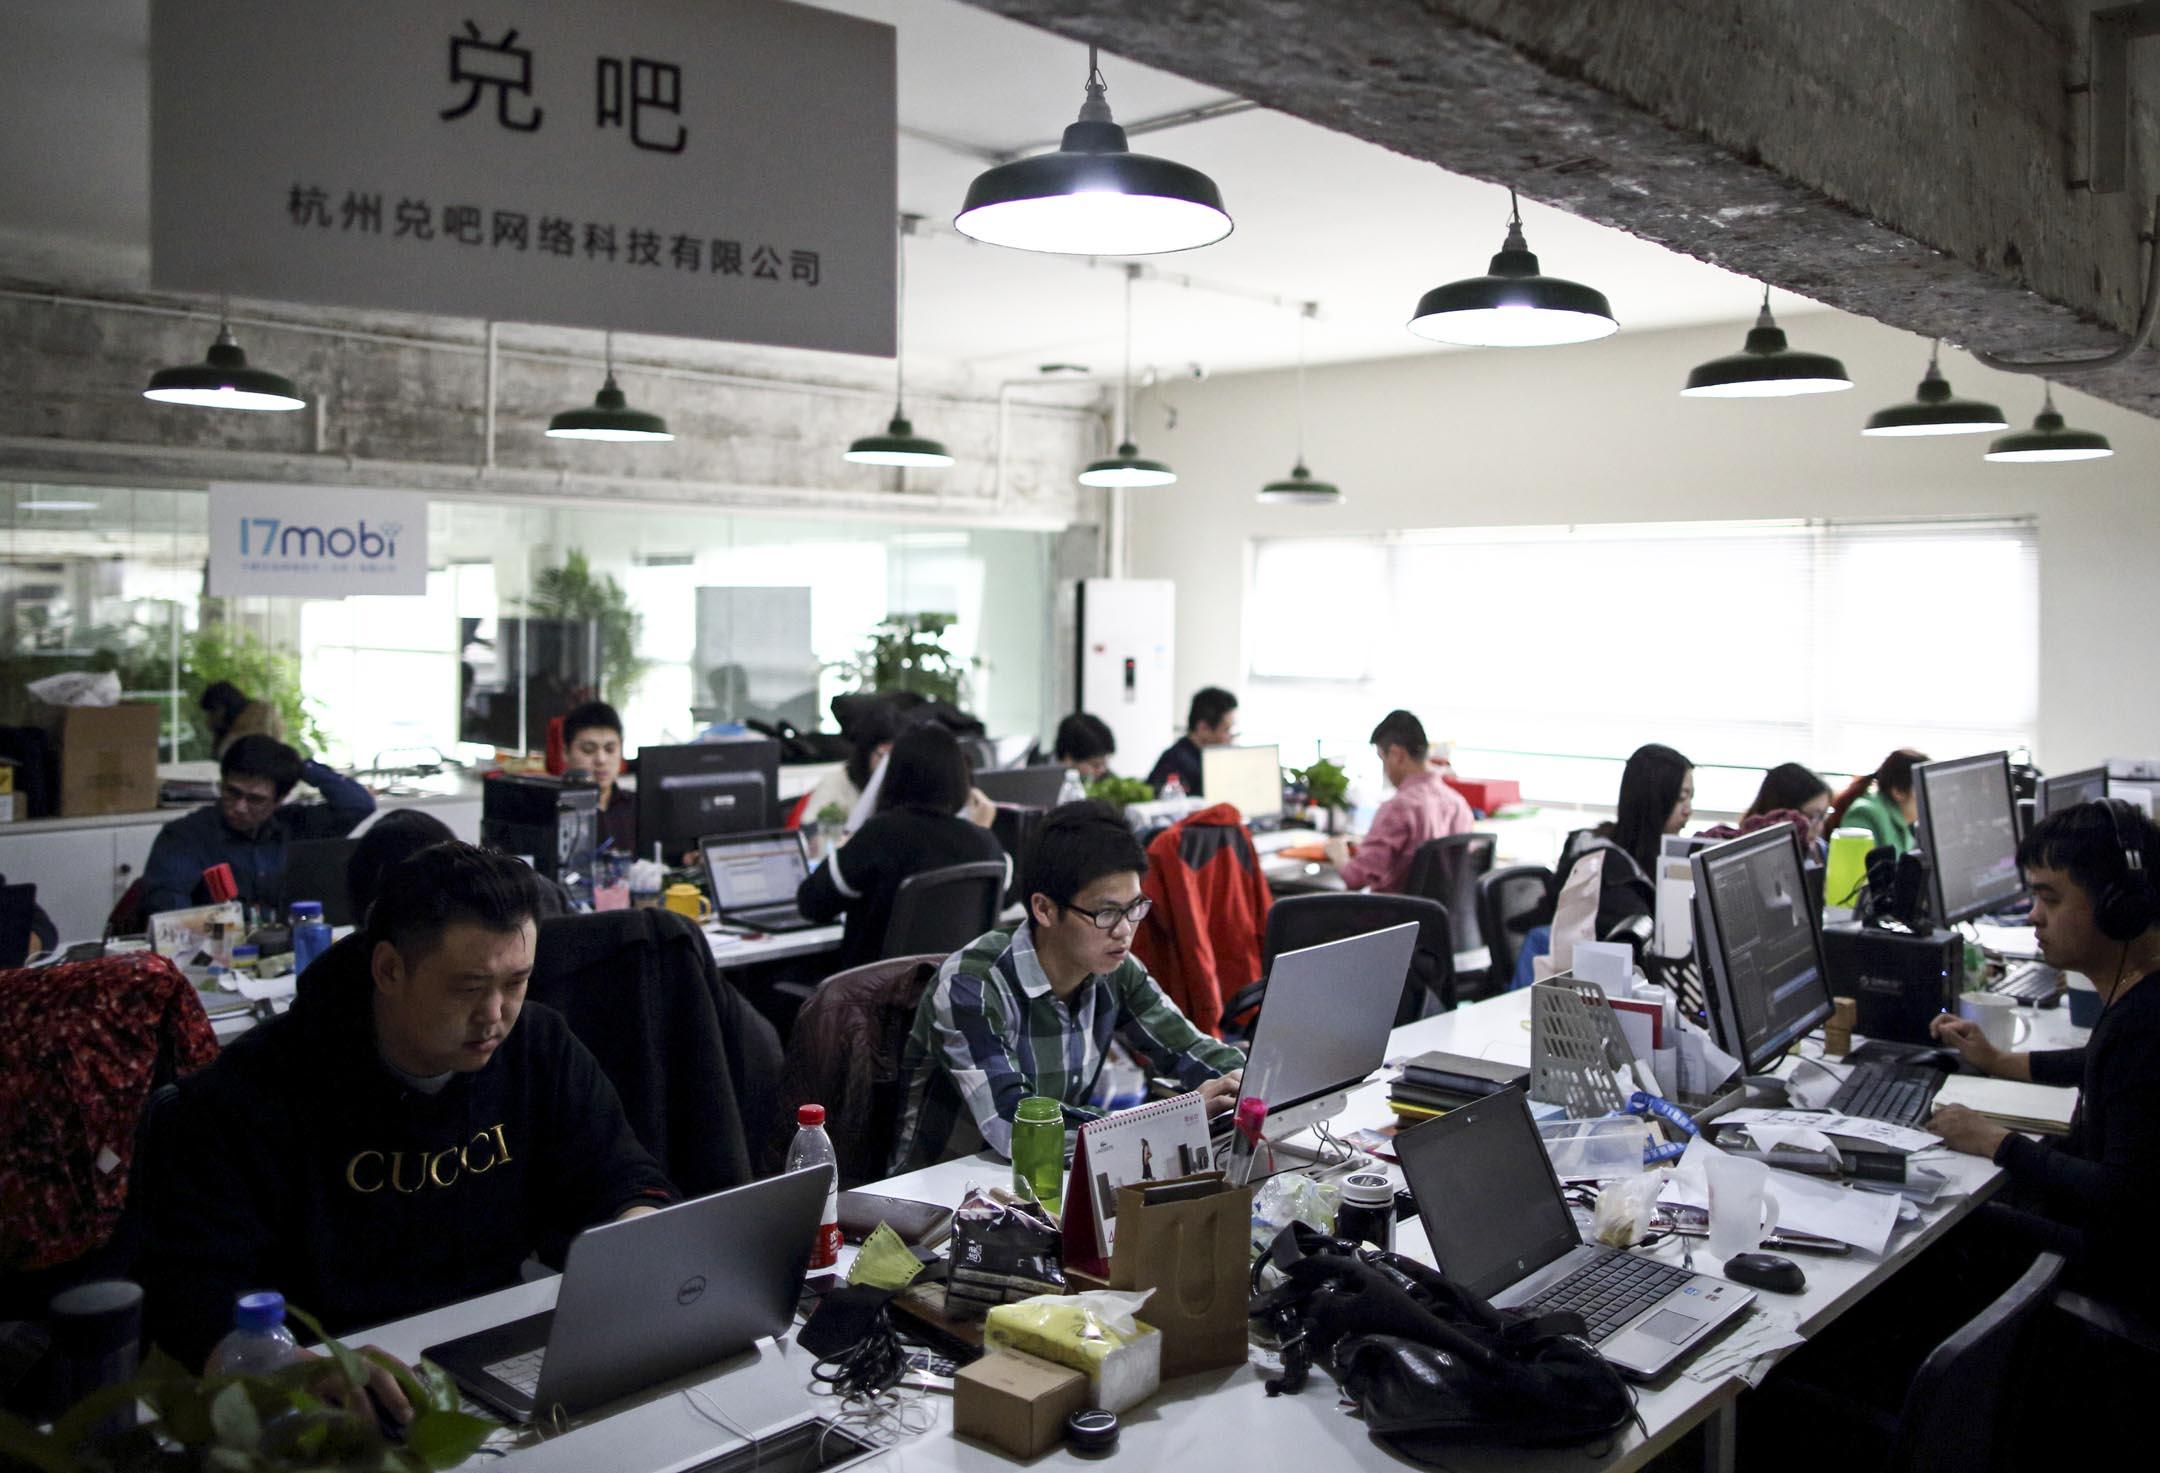 在中國大陸,互聯網是唯一一個號稱工資漲幅跑過房價的行業。但2018年冬天開始,業內接連爆出裁員消息,波及範圍之廣,眾多互聯網巨頭也難逃一劫。 攝:Tomohiro Ohsumi/Bloomberg via Getty Images